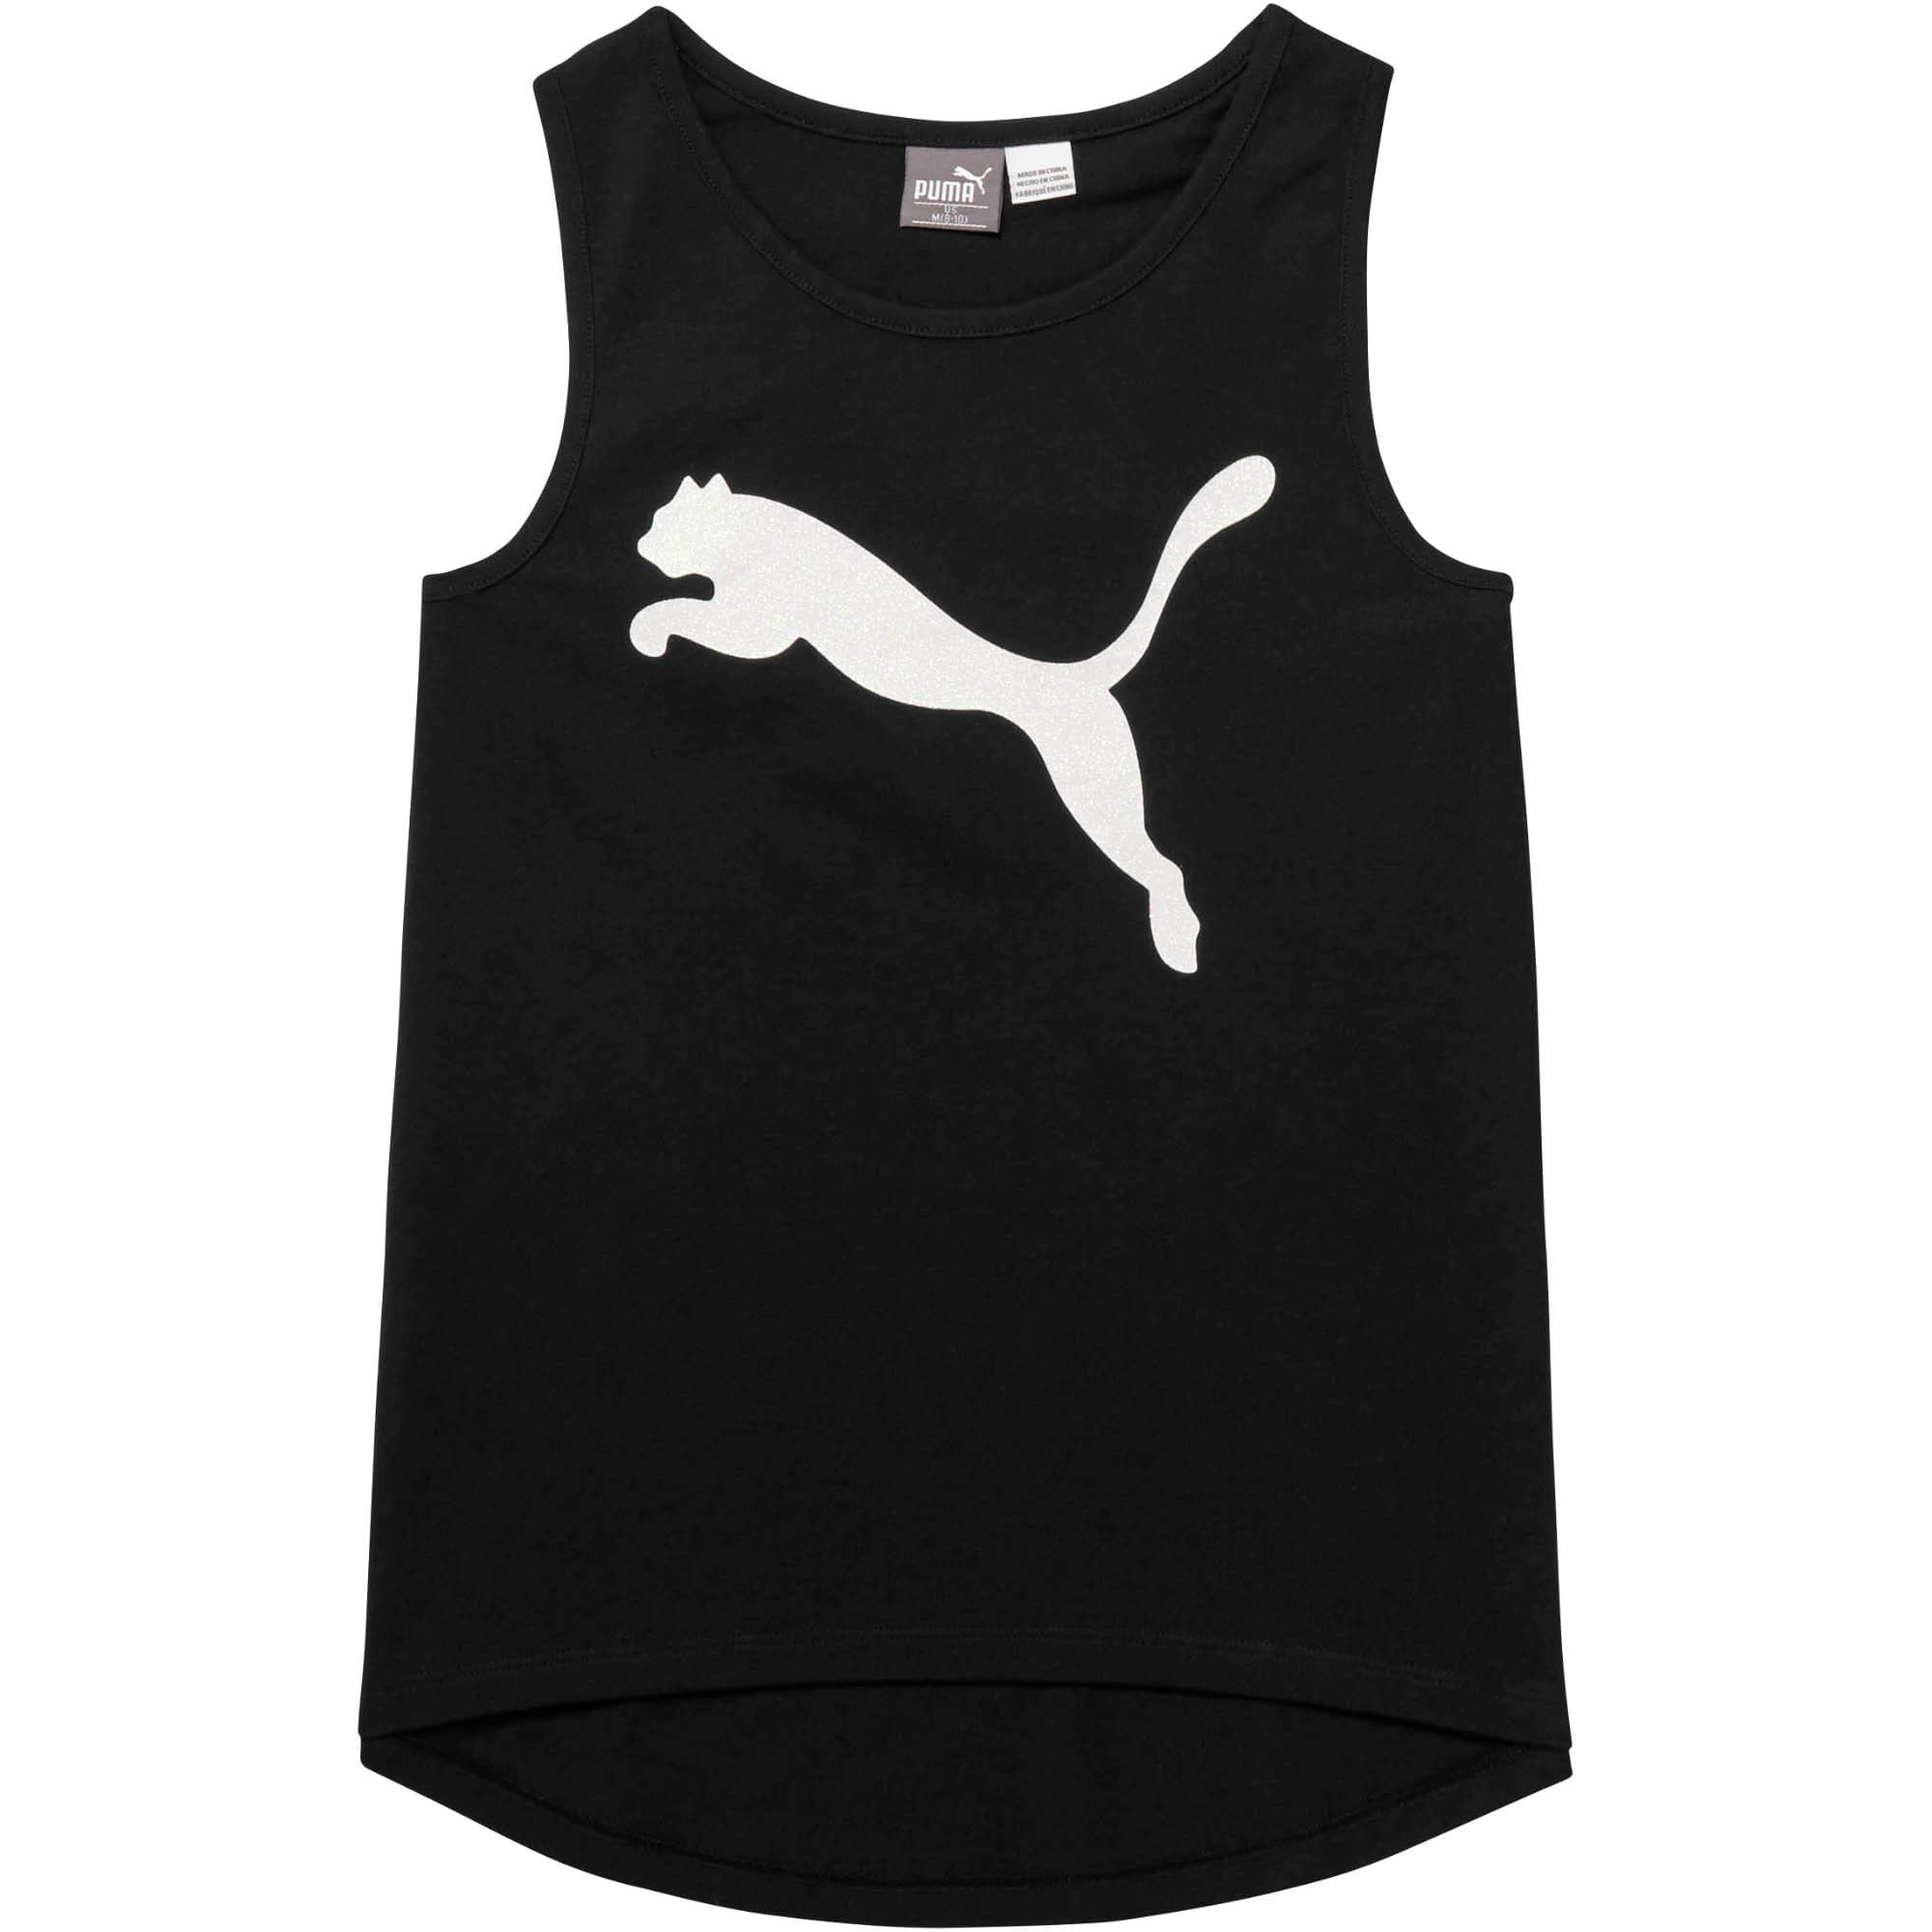 Miniatura 1 de Camiseta sin mangas moderna de algodón y jersey para niña joven, PUMA BLACK, mediano